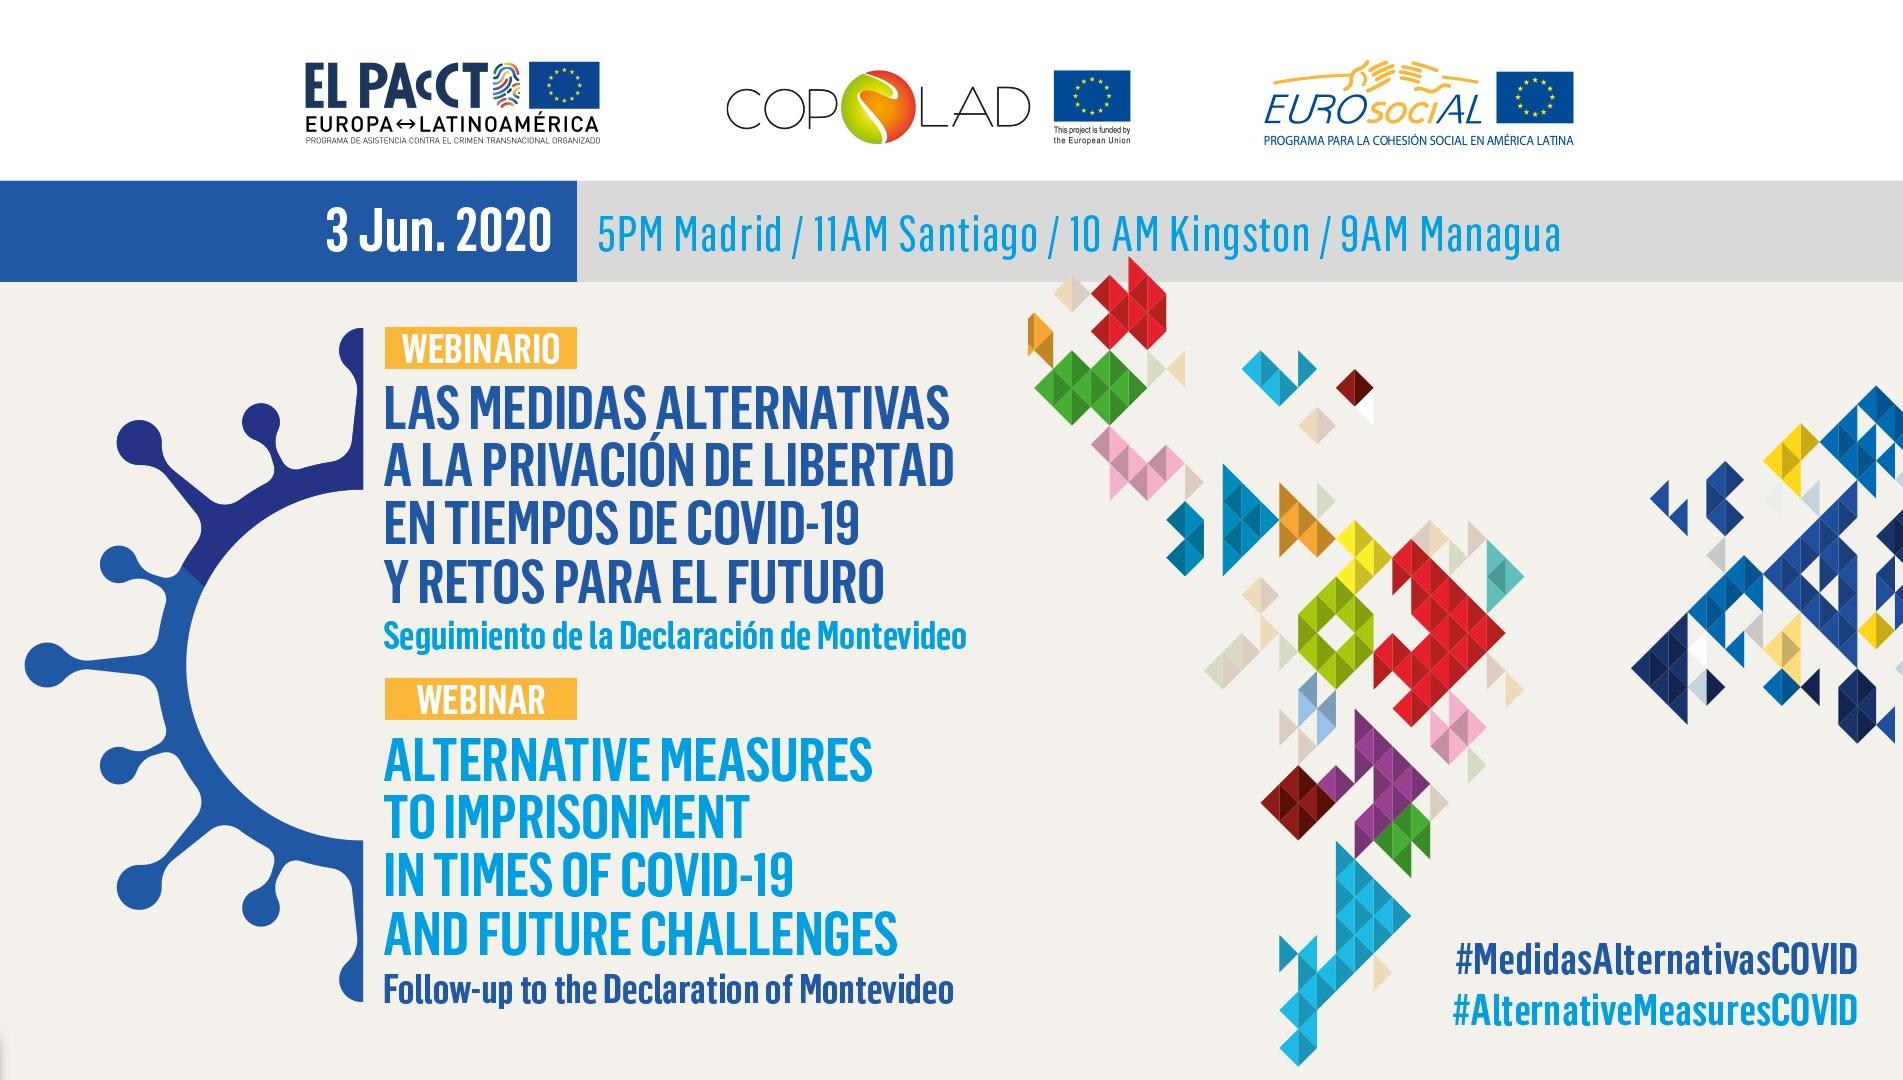 Las medidas alternativas a la prisión, una necesidad para la cooperación UE-ALC en tiempos de Covid-19